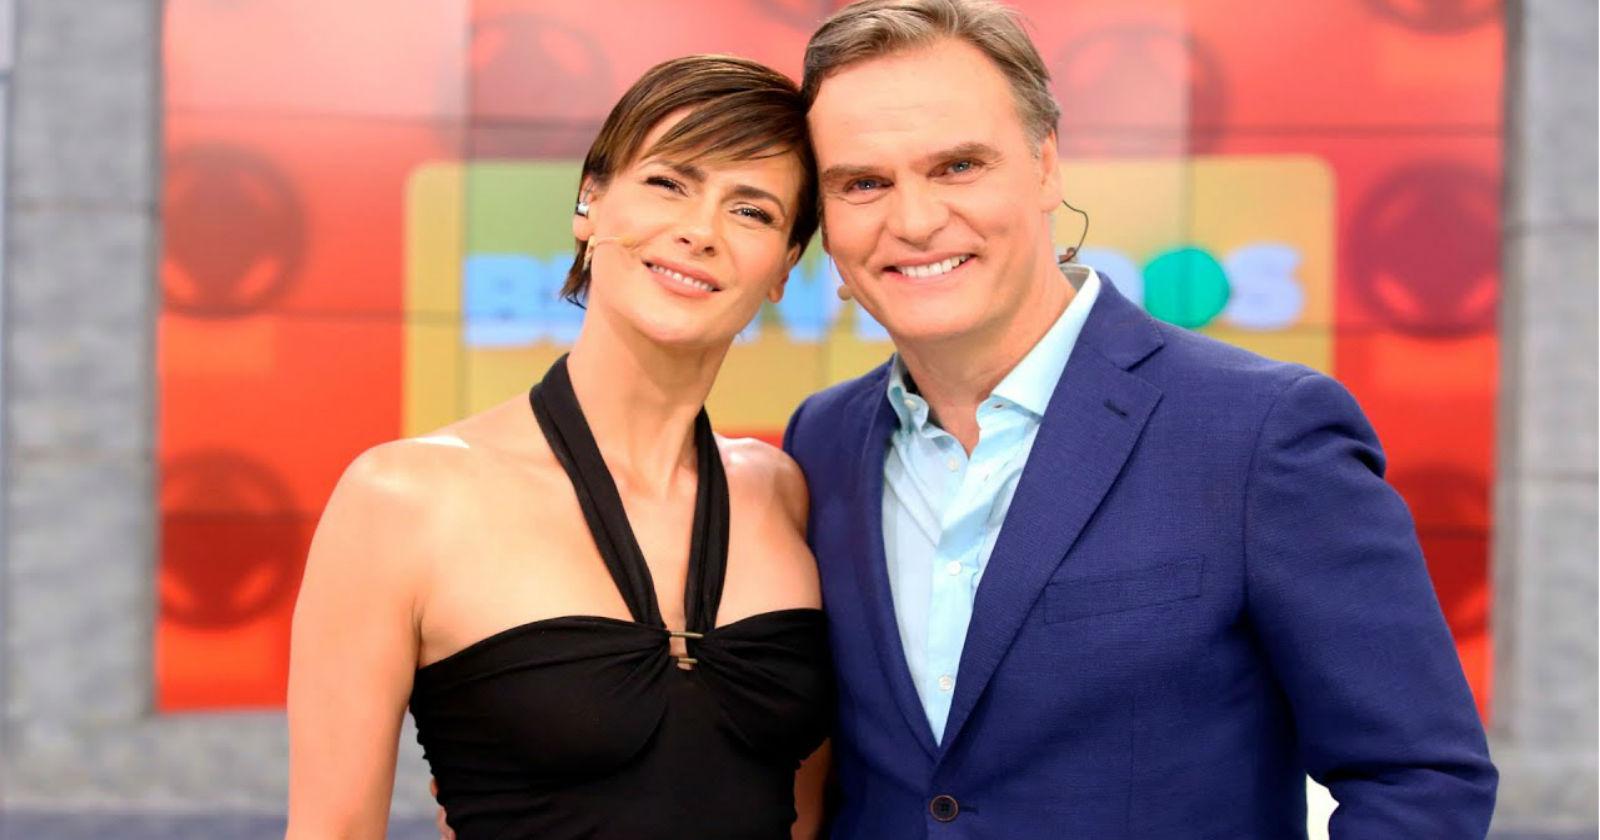 Canal 13 eliminó el rating online de programas como Bienvenidos y T13